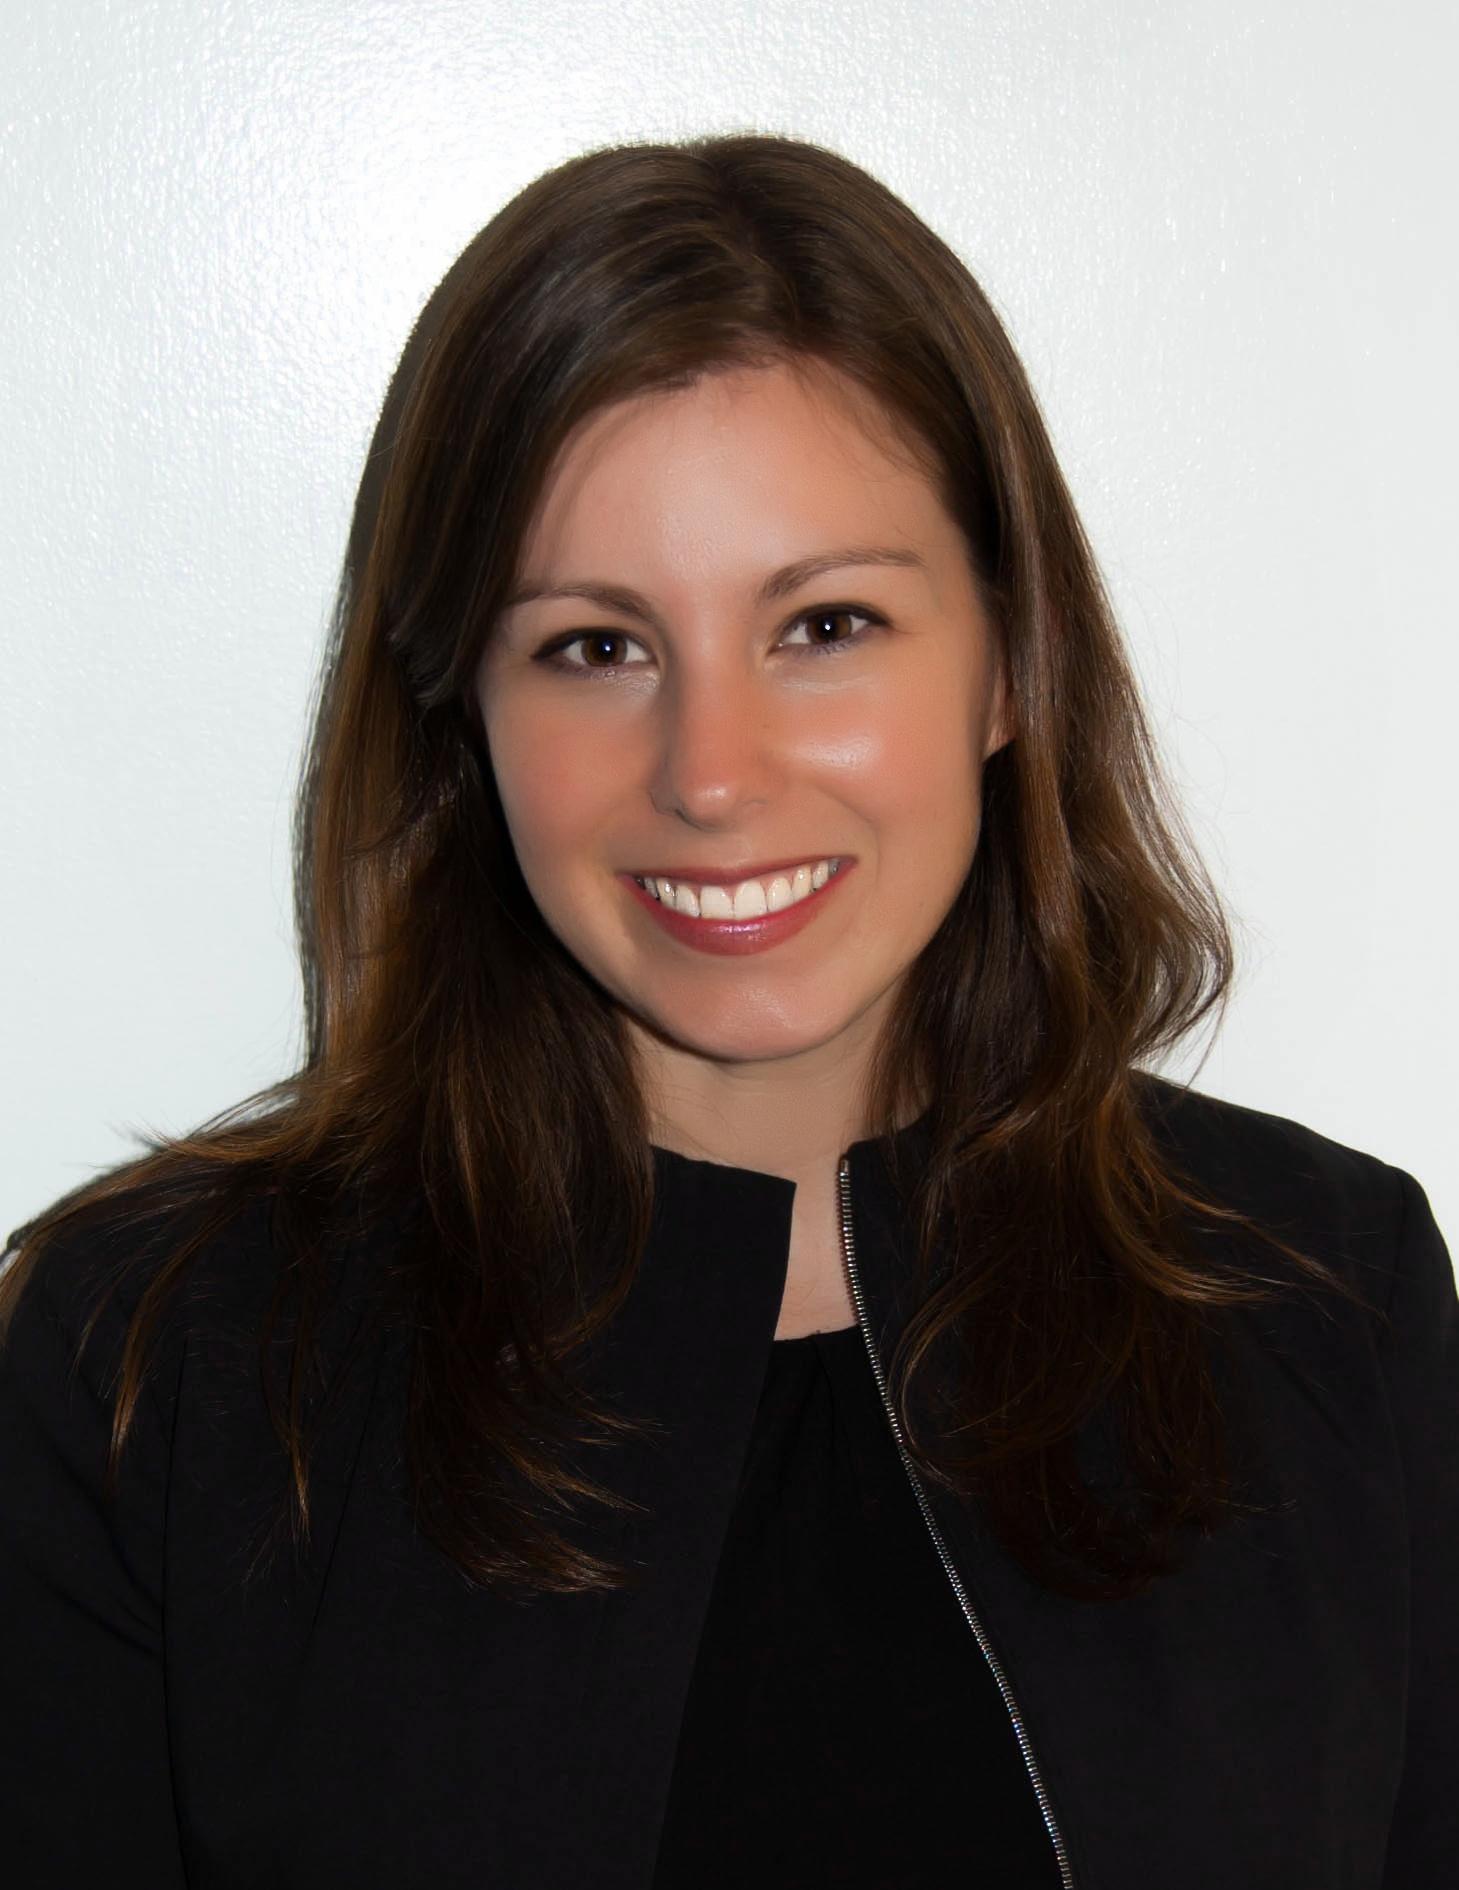 Jessica Koehne